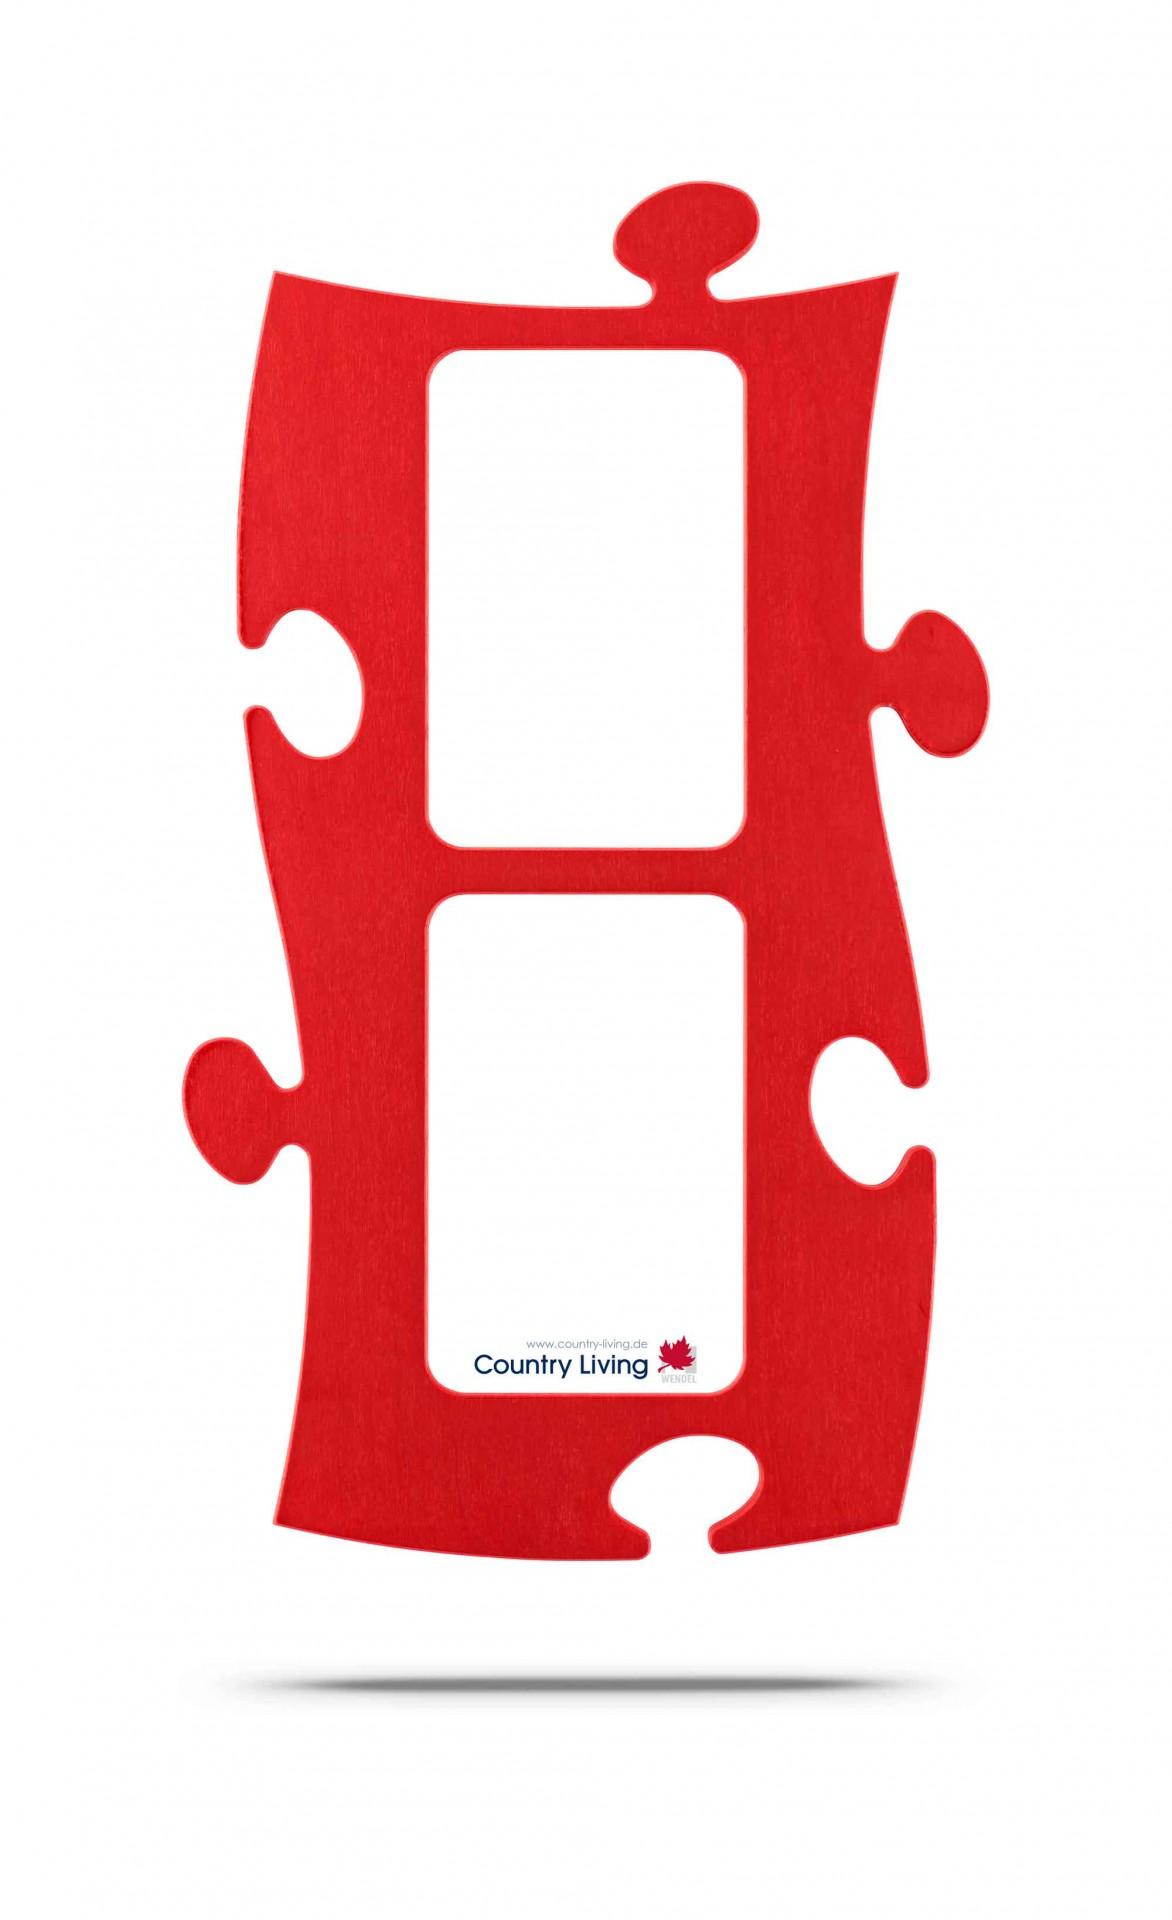 Country Living Moldura Puzzle+ (2x) 10x15cm vermelha